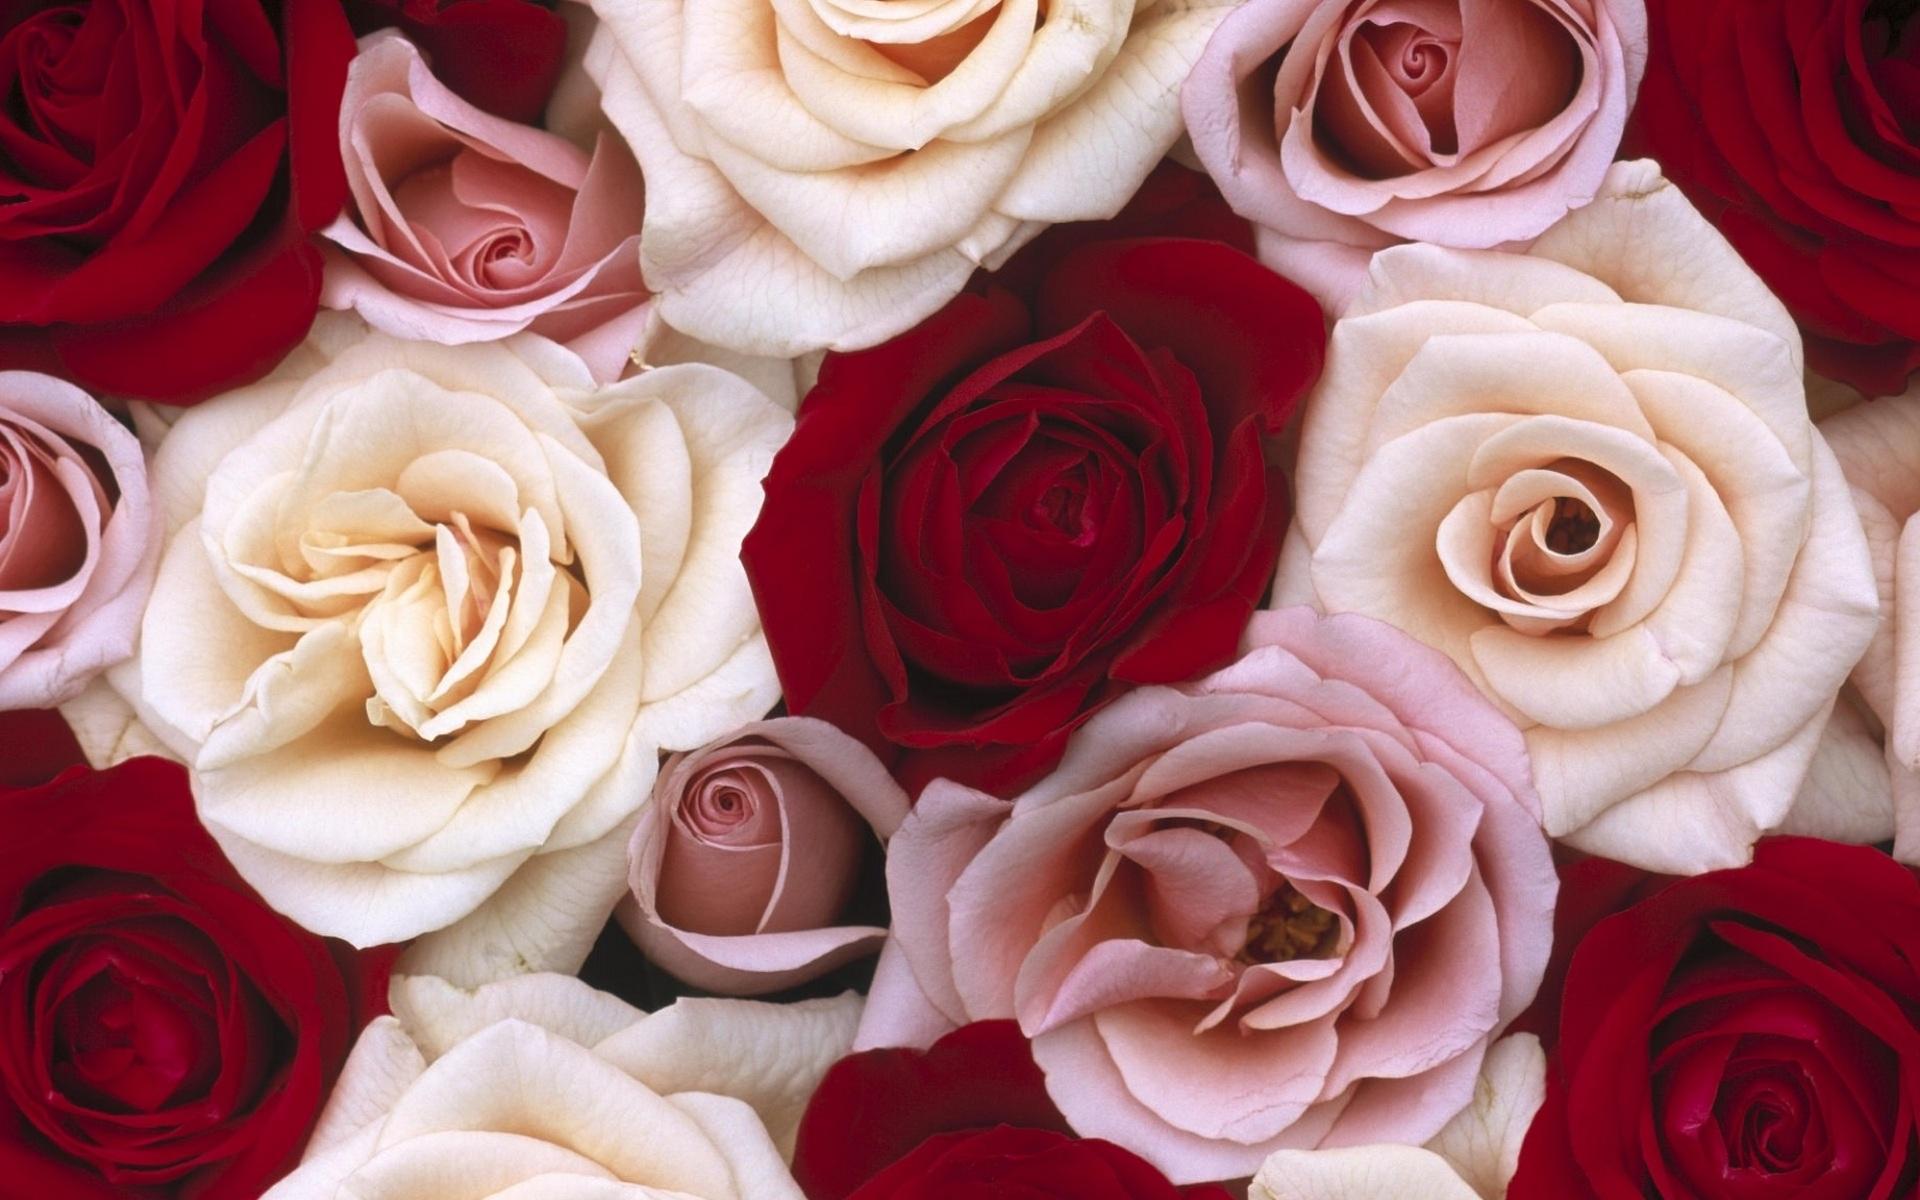 высокие картинки на телефон розы каким-то образом